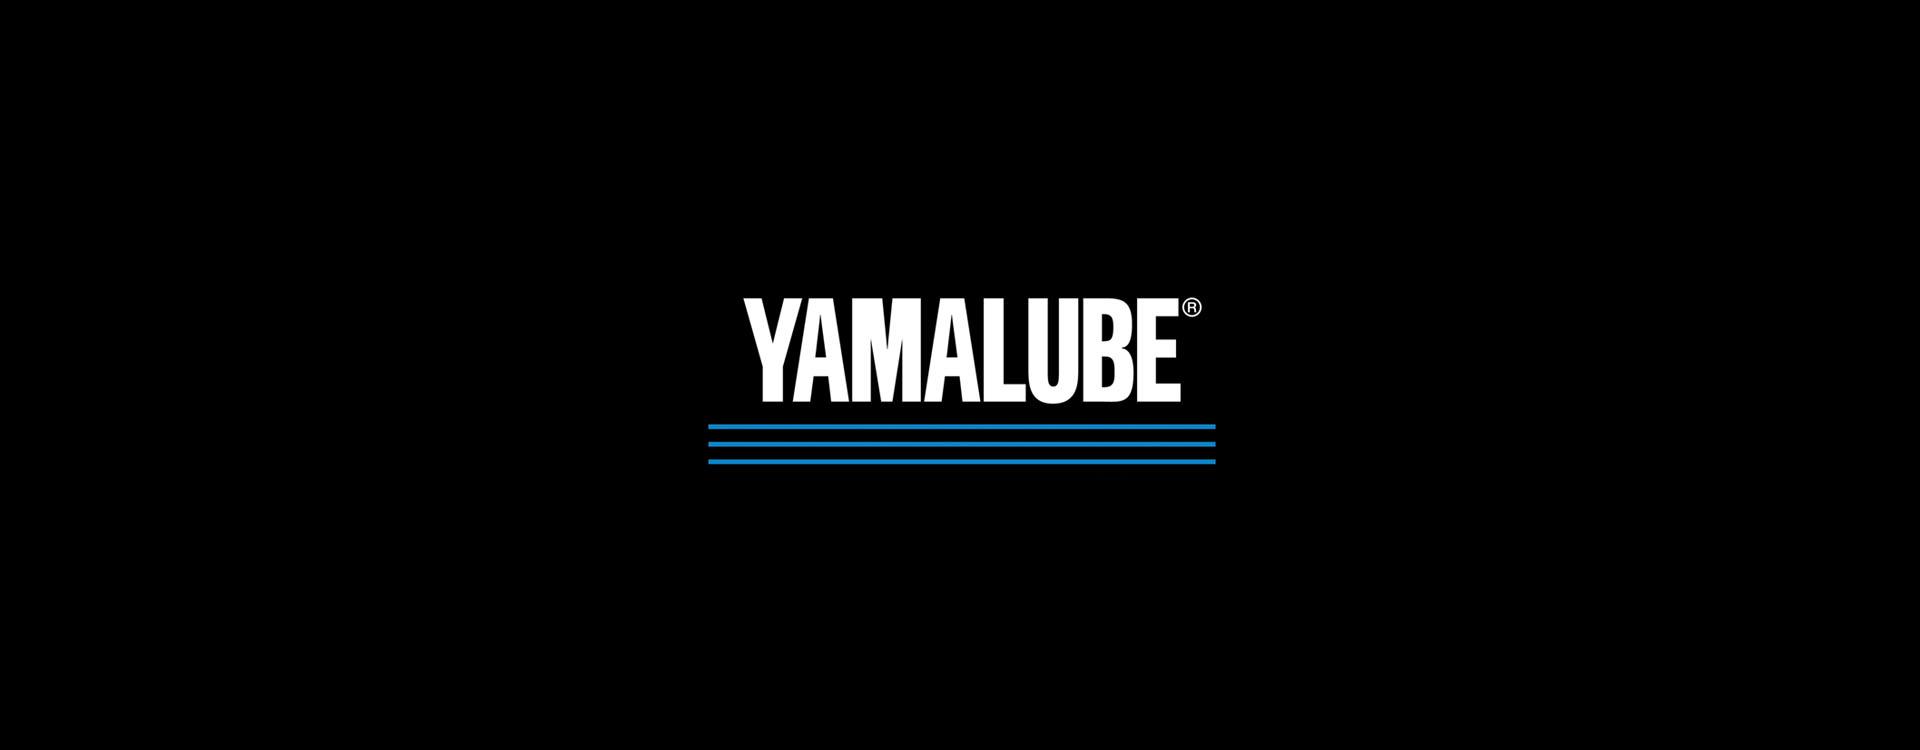 YamalubeBanner_2